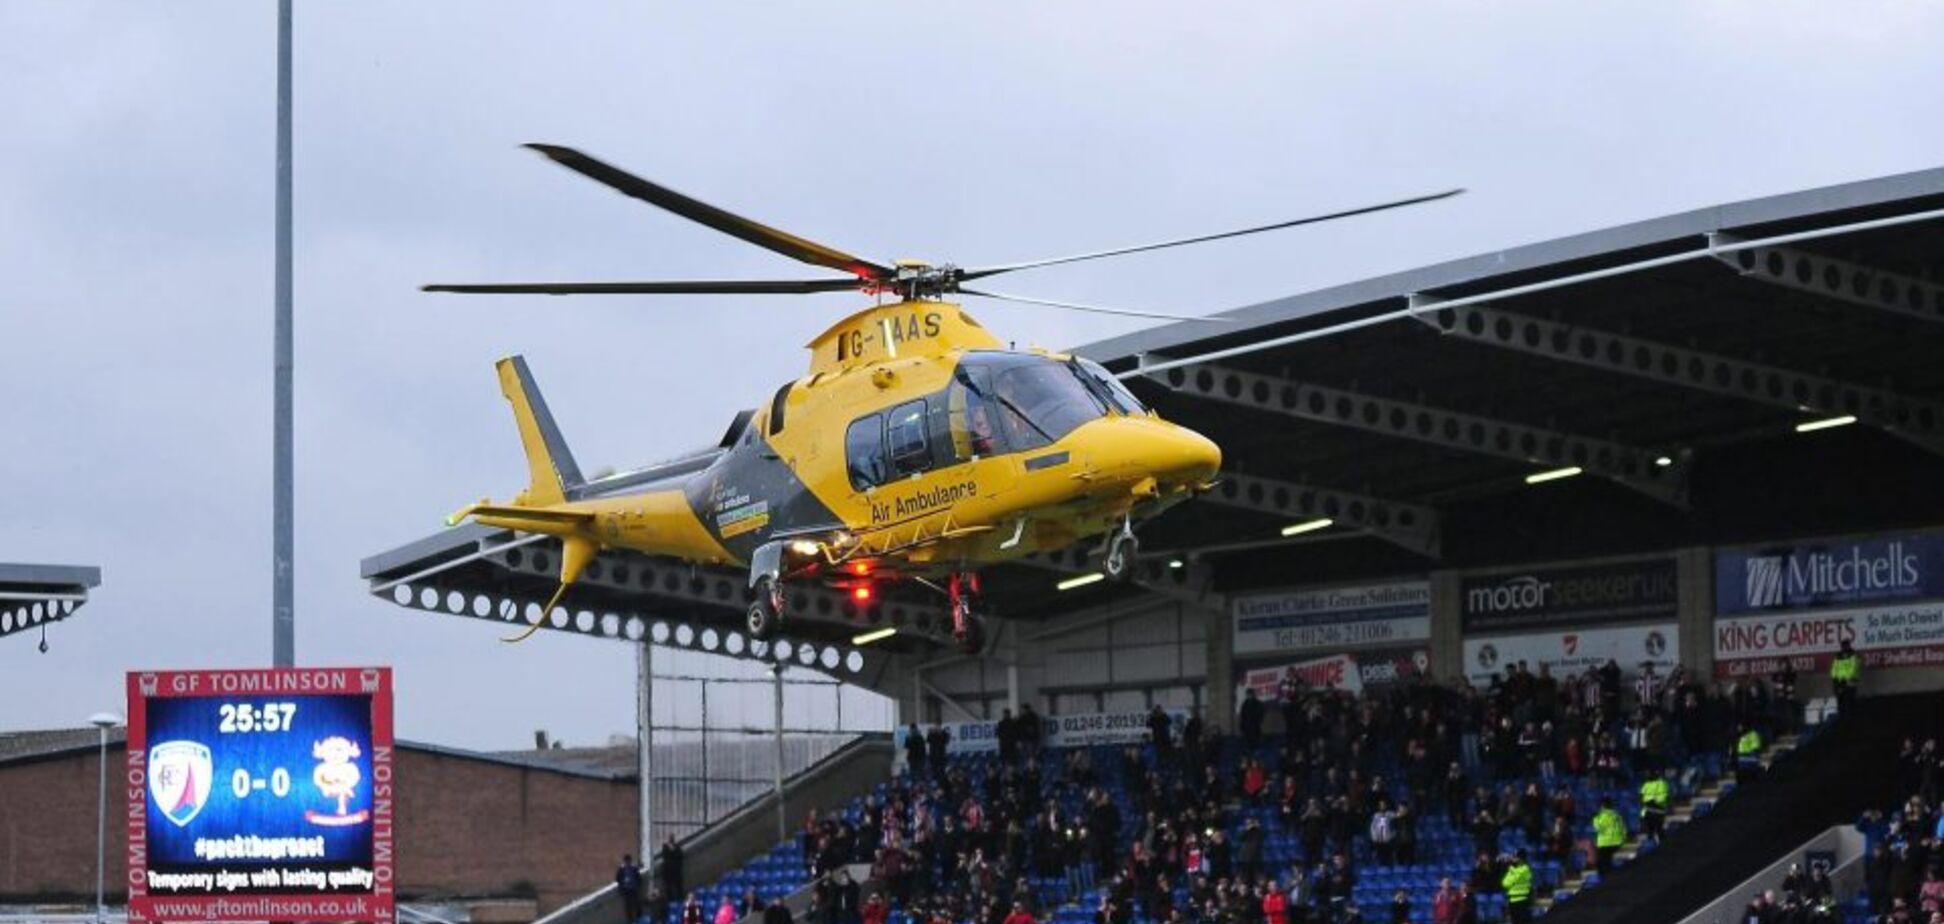 Вертолет посреди матча сел на стадион, чтобы спасти фаната: эффектное видео